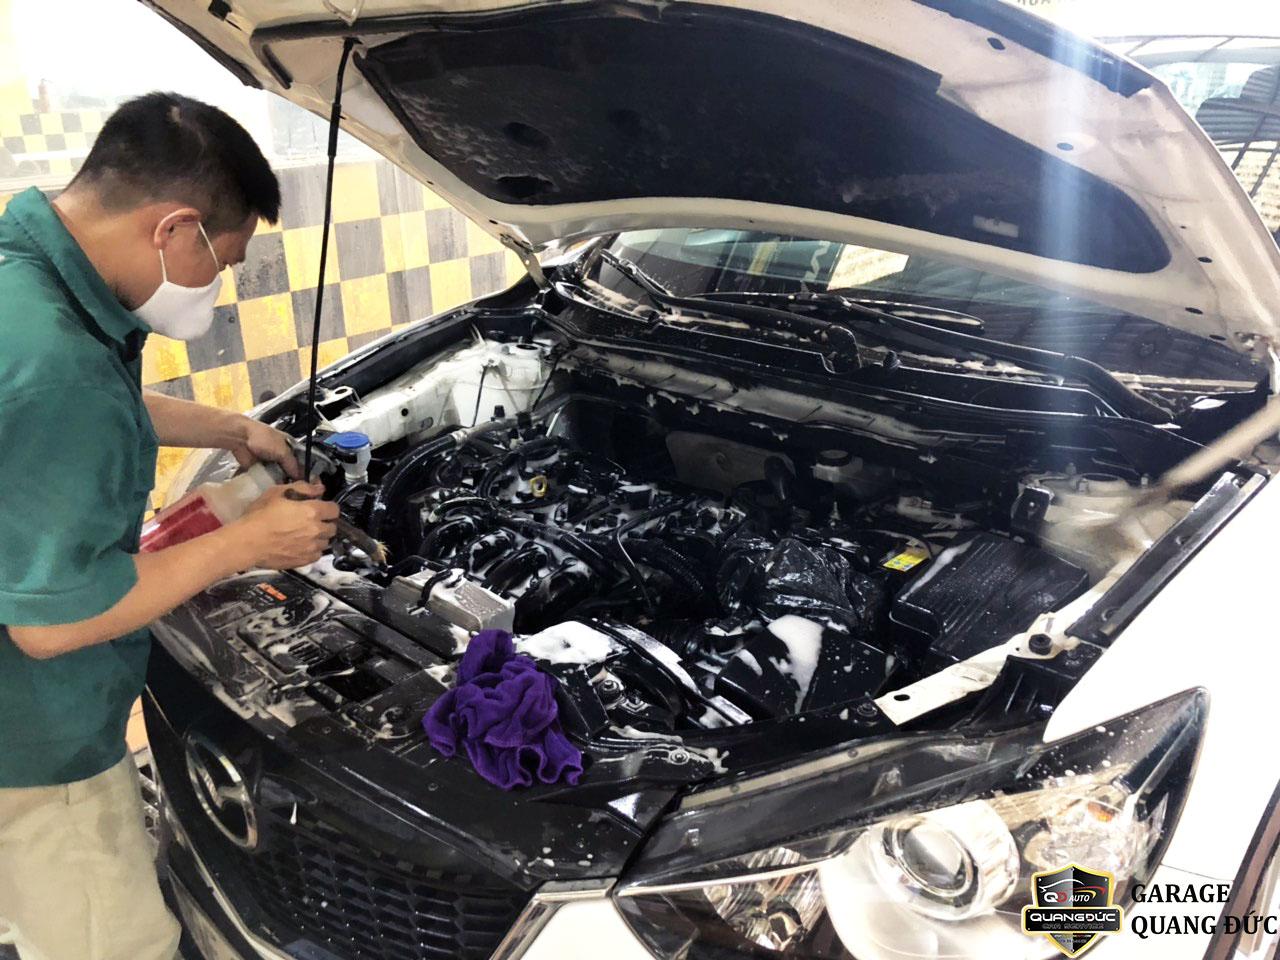 Quy trình bảo dưỡng ô tô chuyên nghiệp - uy tín tại Hà Nội